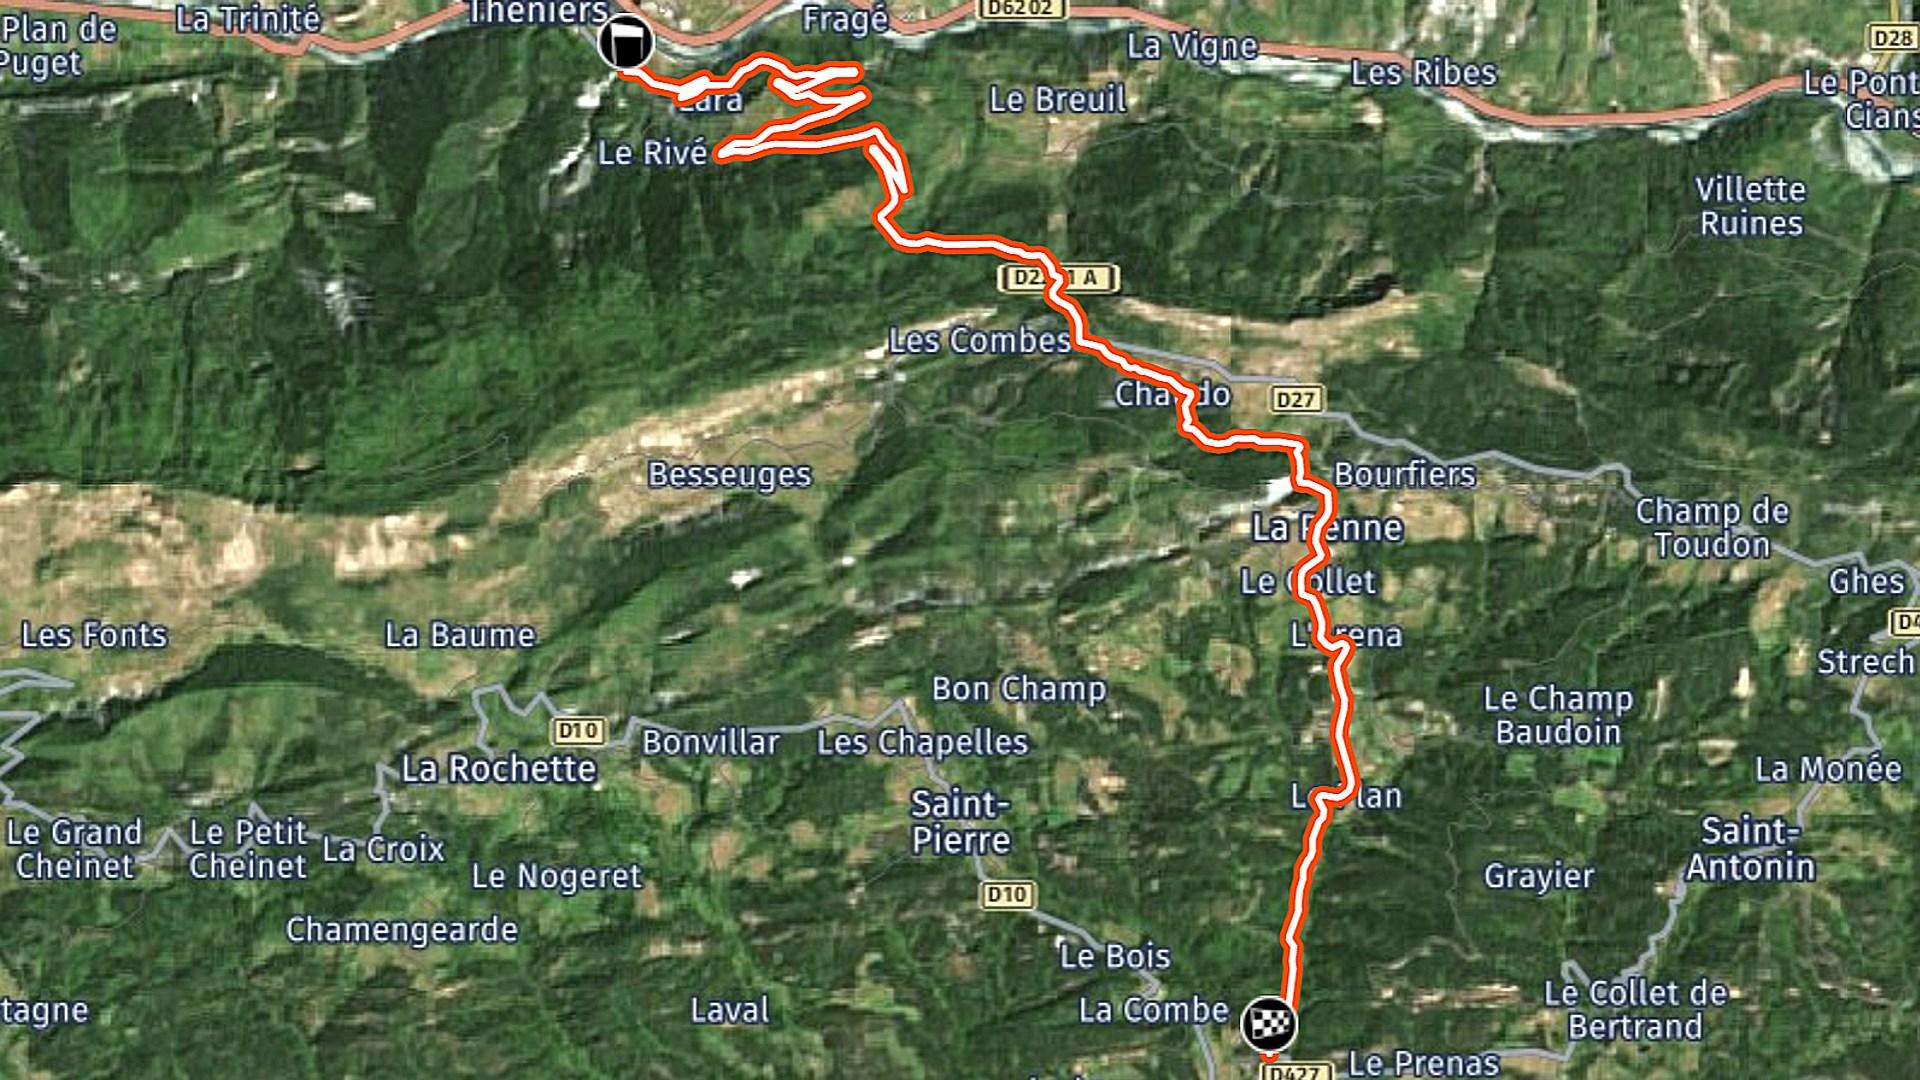 WRC: 89º Rallye Automobile de Monte-Carlo [18-24 Enero] - Página 13 240121_WRC-SS12-SS14-MonteCarlo-2021_001